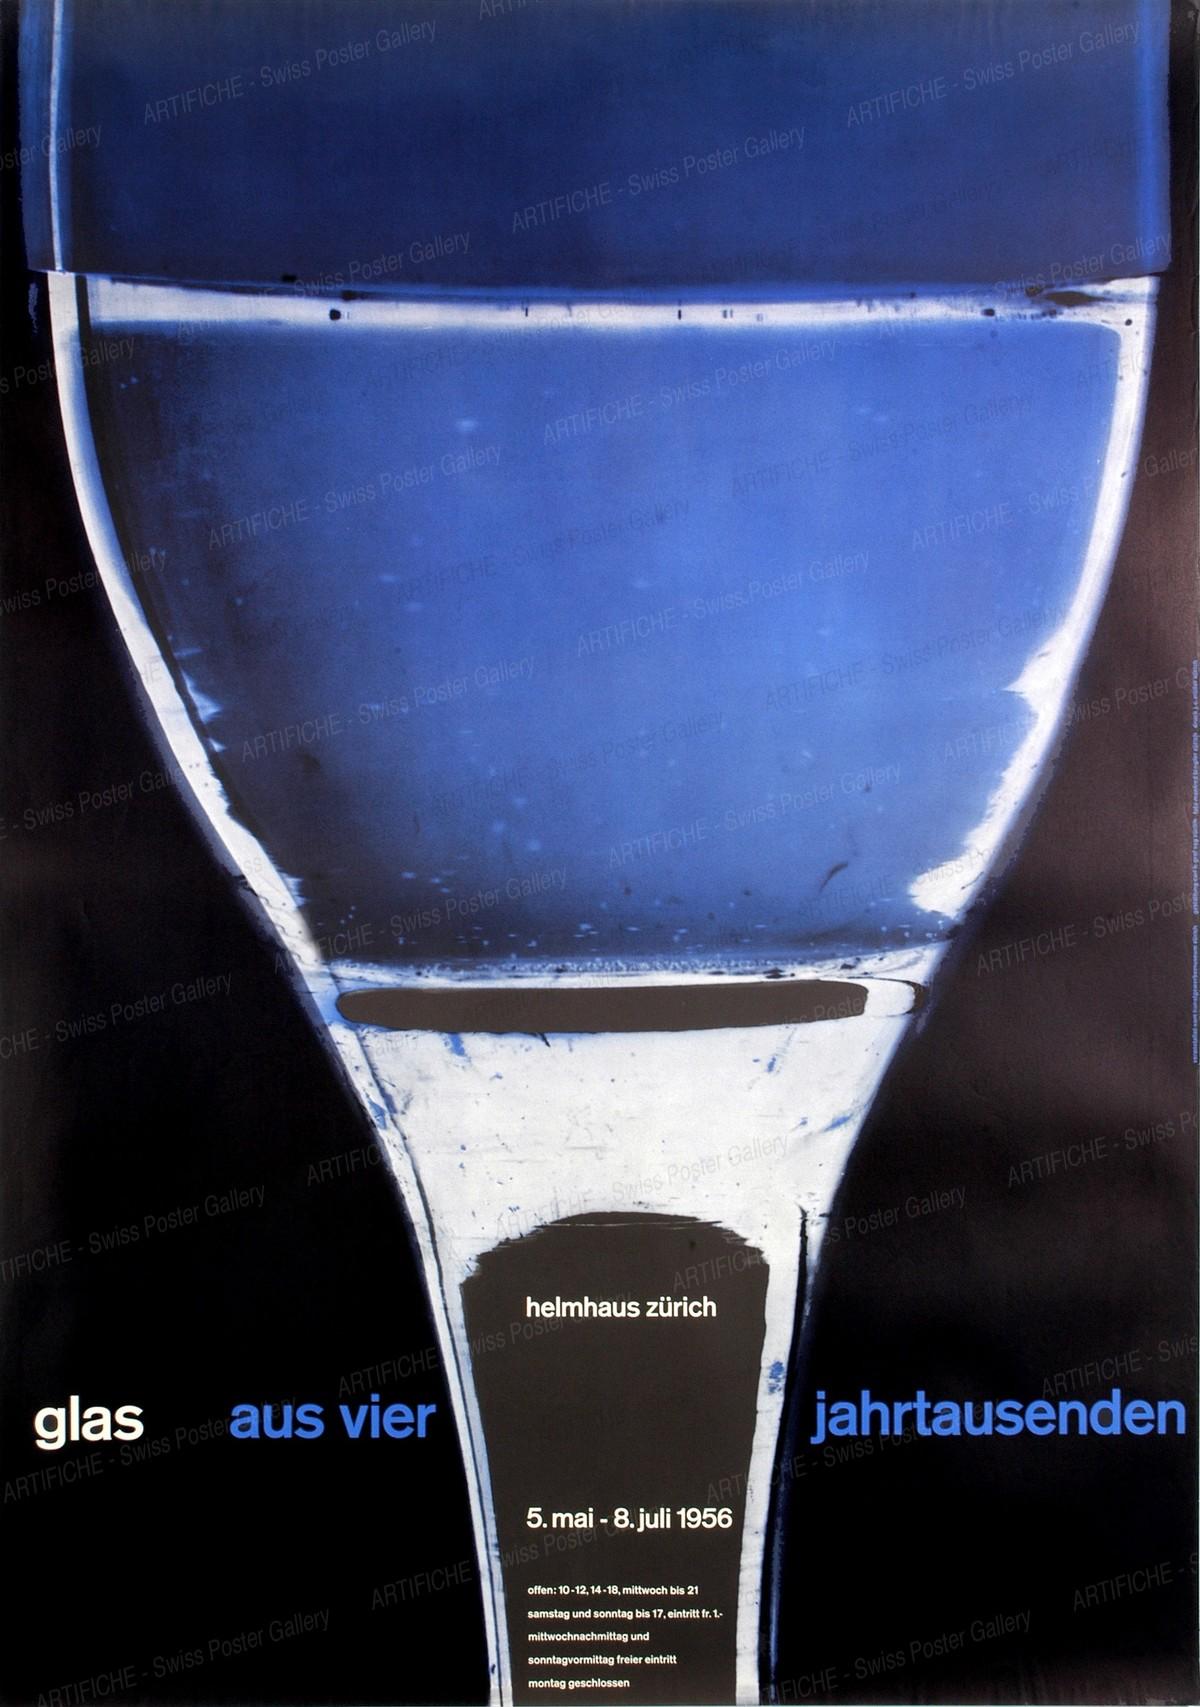 """Helmhaus Zürich """"Glas aus vier Jahrtausenden"""" 5. Mai – 8. Juli 1956, Carl B. Graf"""